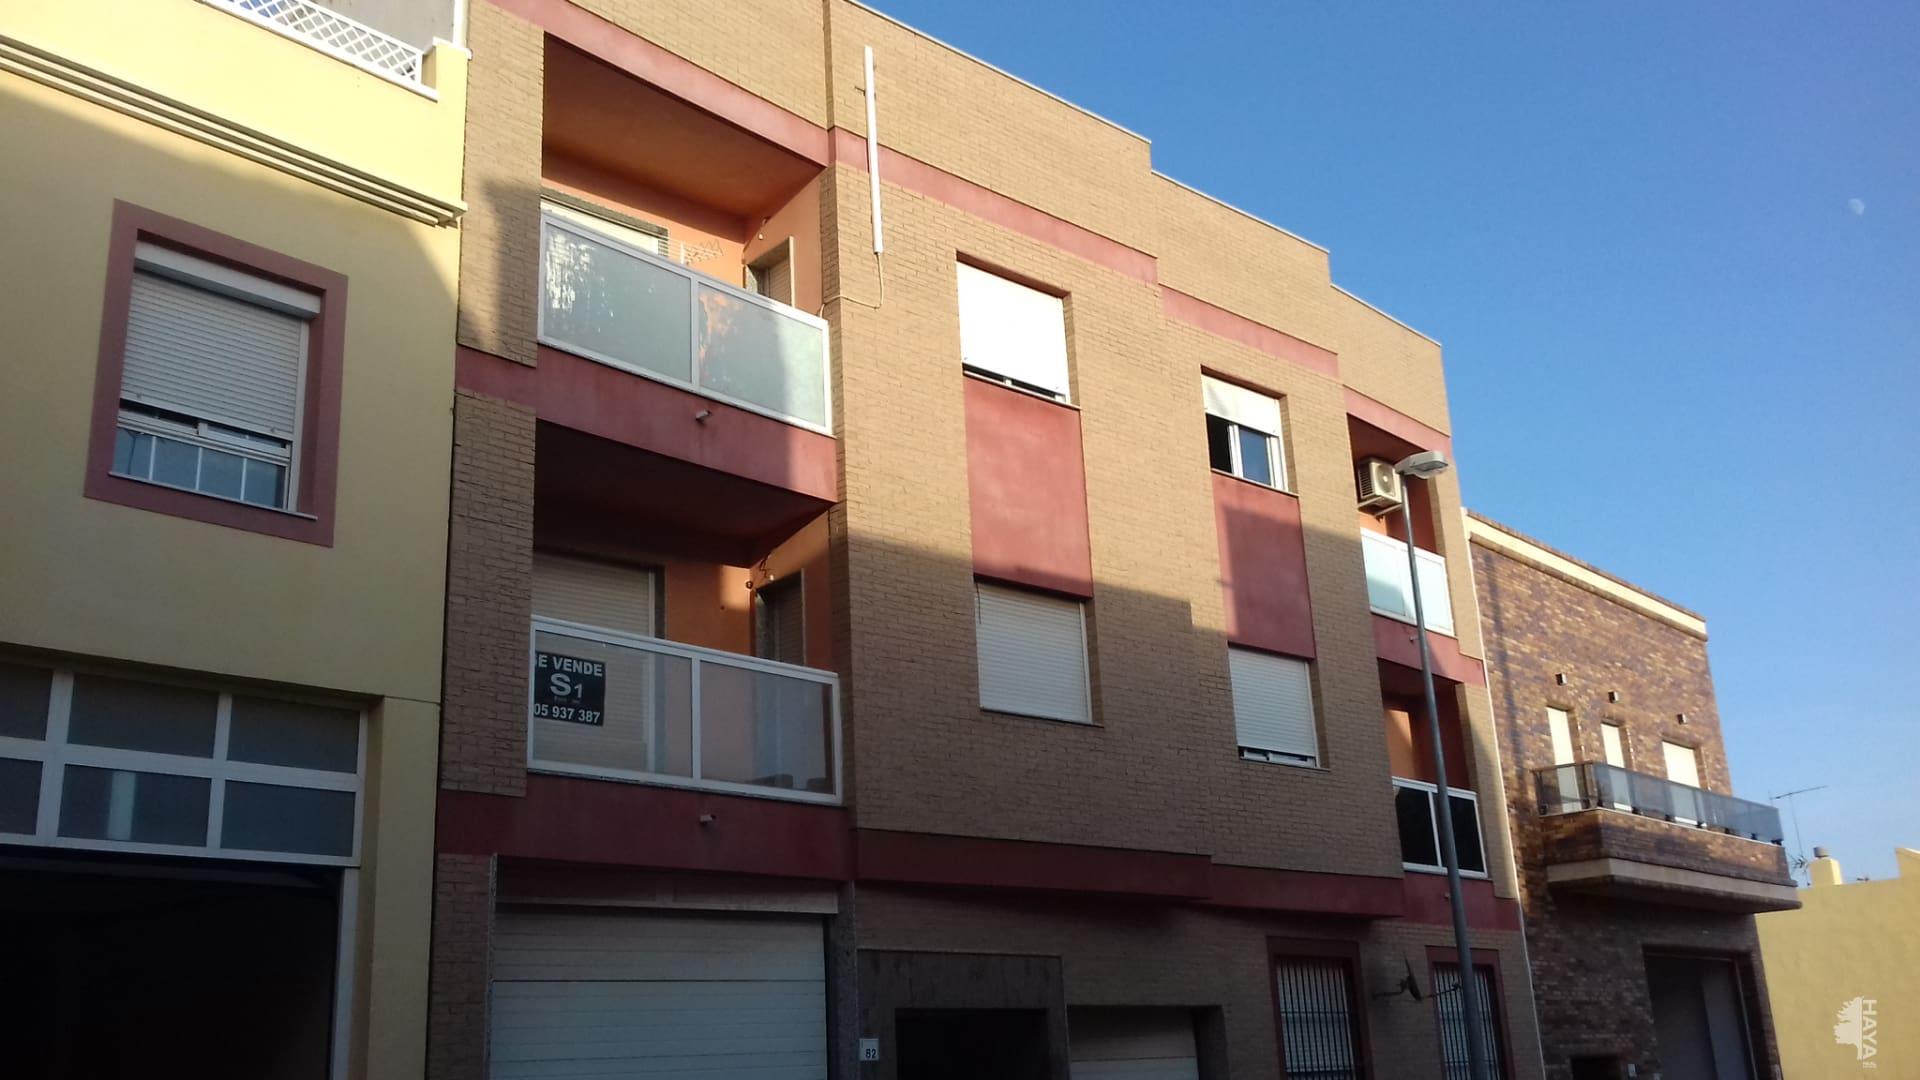 Piso en venta en Vícar, Almería, Calle Laujar de Andarax, 112.989 €, 3 habitaciones, 2 baños, 129 m2